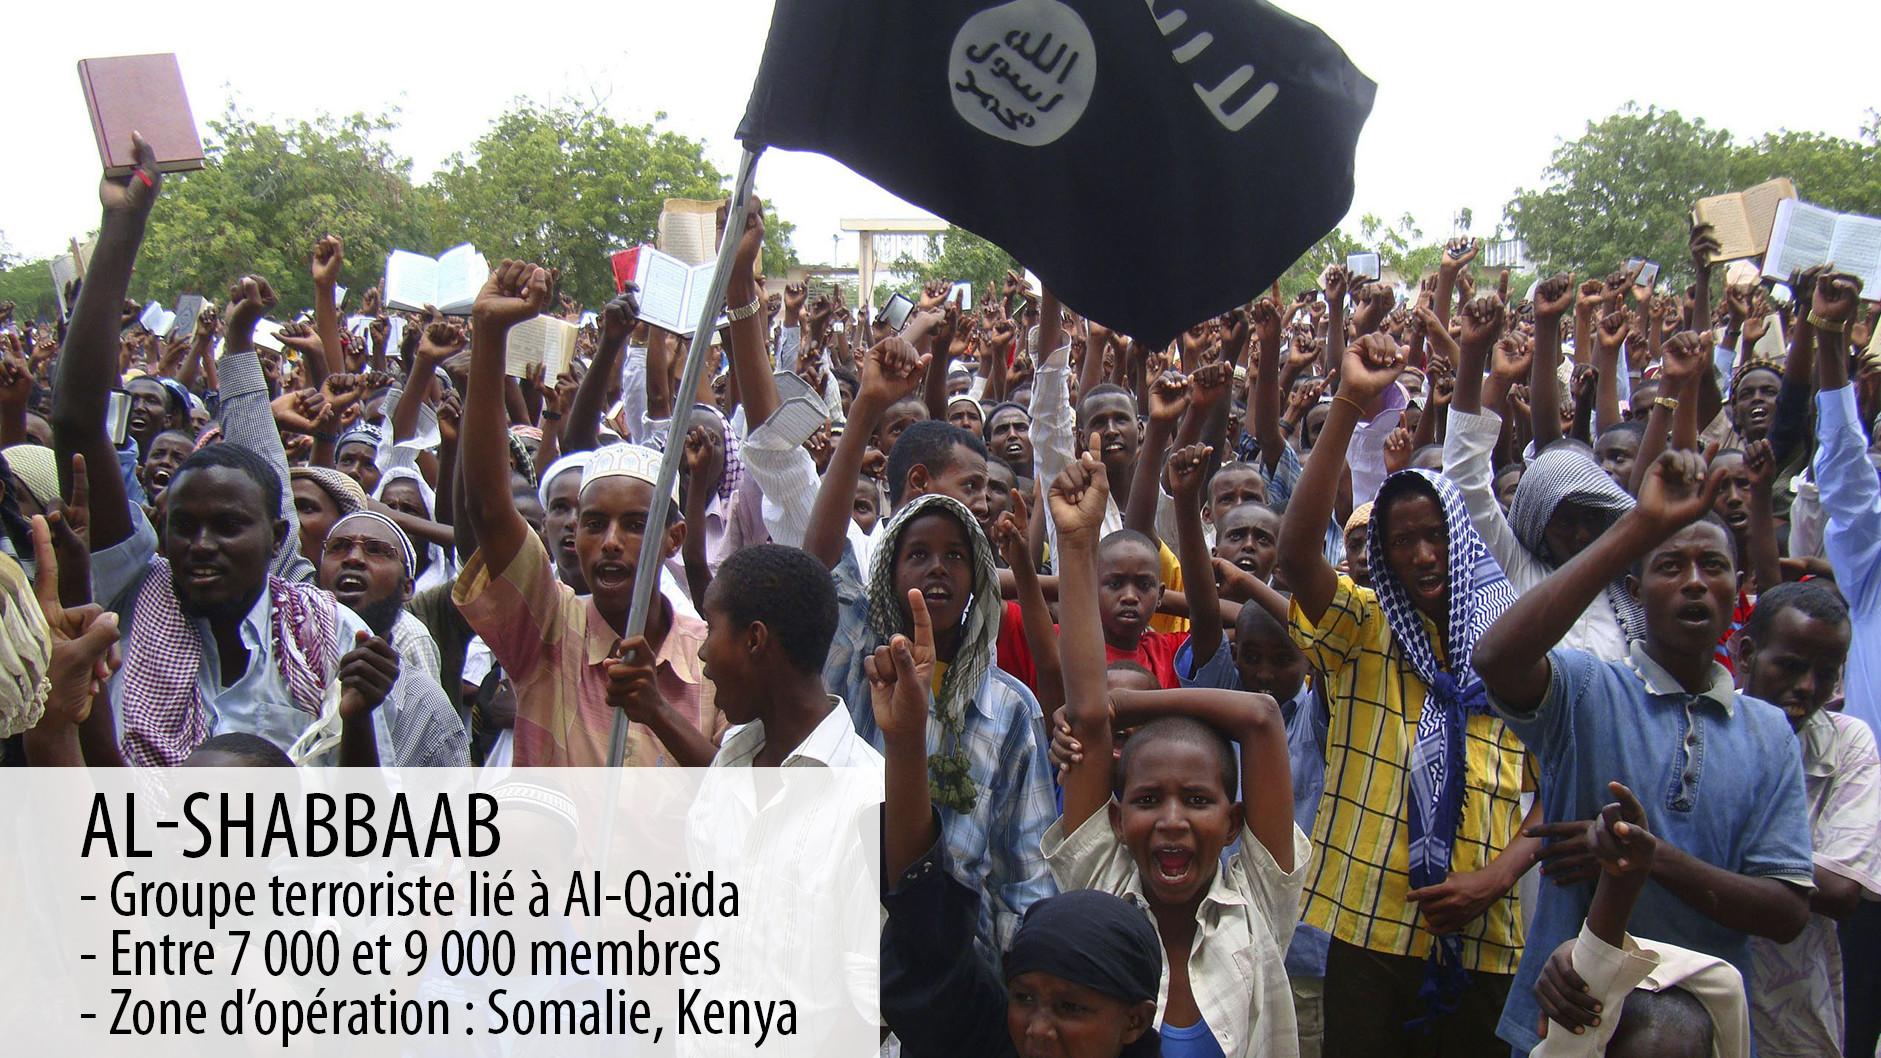 Somalie : Une attaque djihadiste contre des soldats de l'UA aurait fait des dizaines de morts